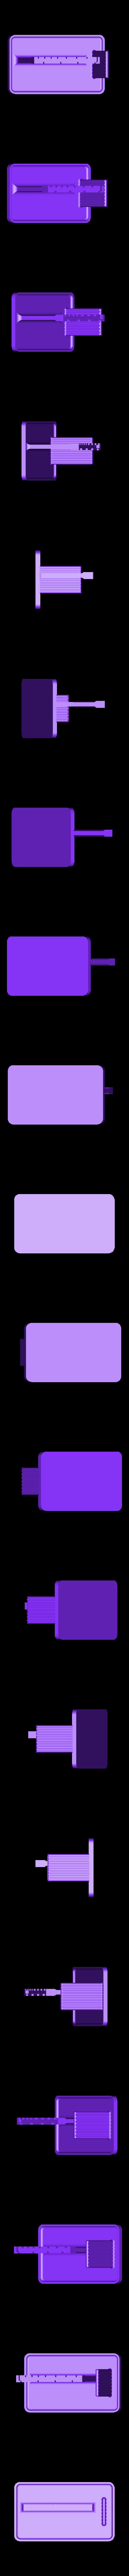 33883f52 c6f1 4fdb 8831 d8d433c53769